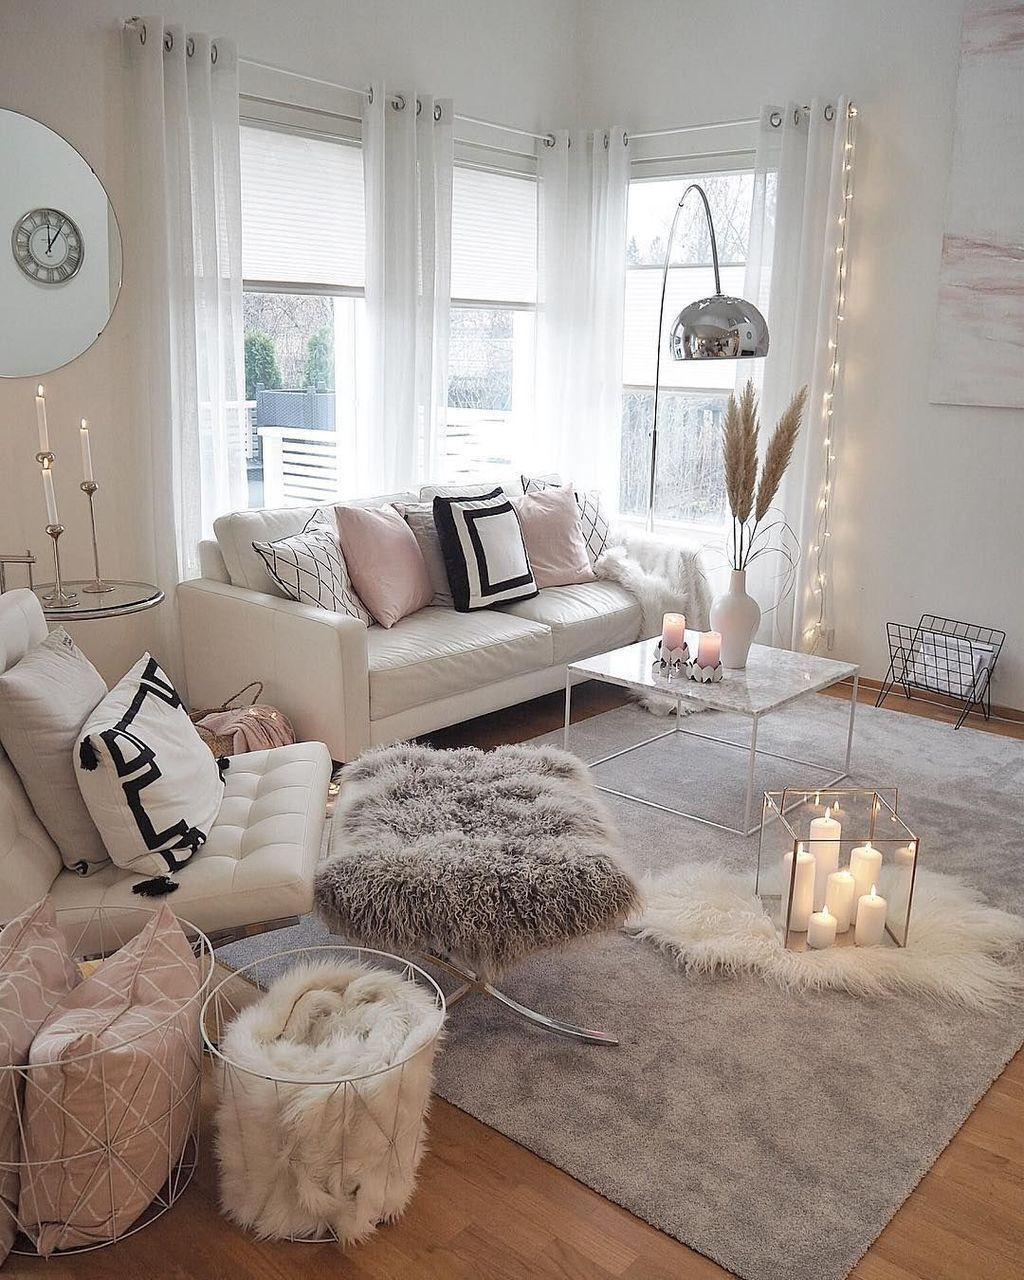 11 Better White Living Room Interior Info Apartment Living Room Design Living Room Decor Apartment Winter Living Room